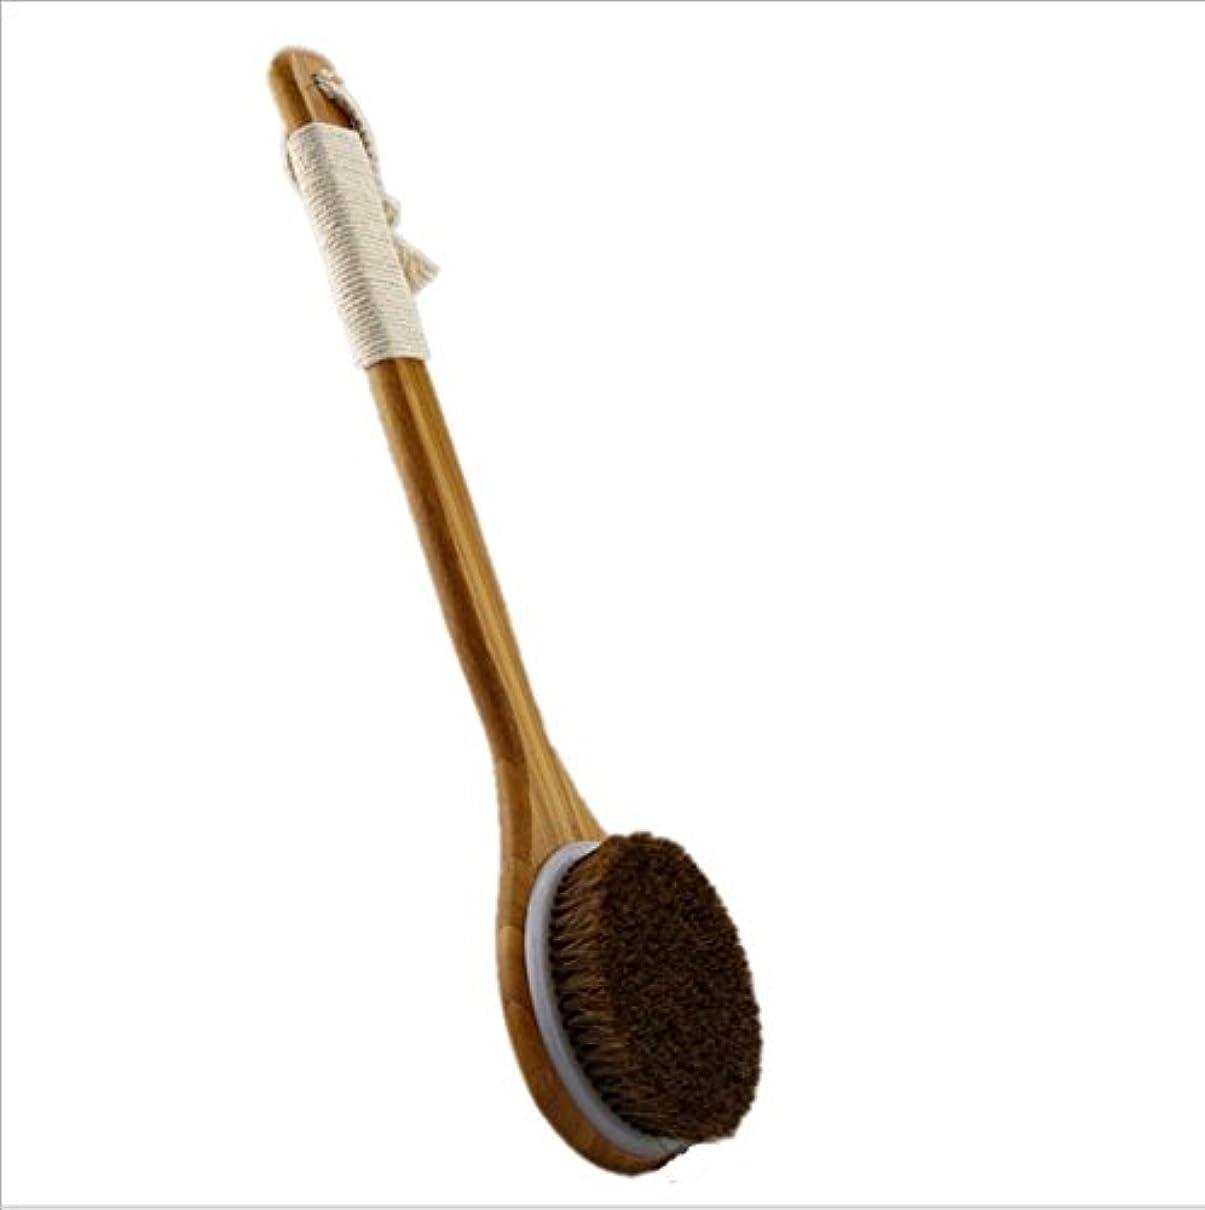 乗って飛躍透明にBigmind 100%天然高級な馬毛ボディブラシ あかすり 竹製長柄 体洗い/背中ブラシ お風呂